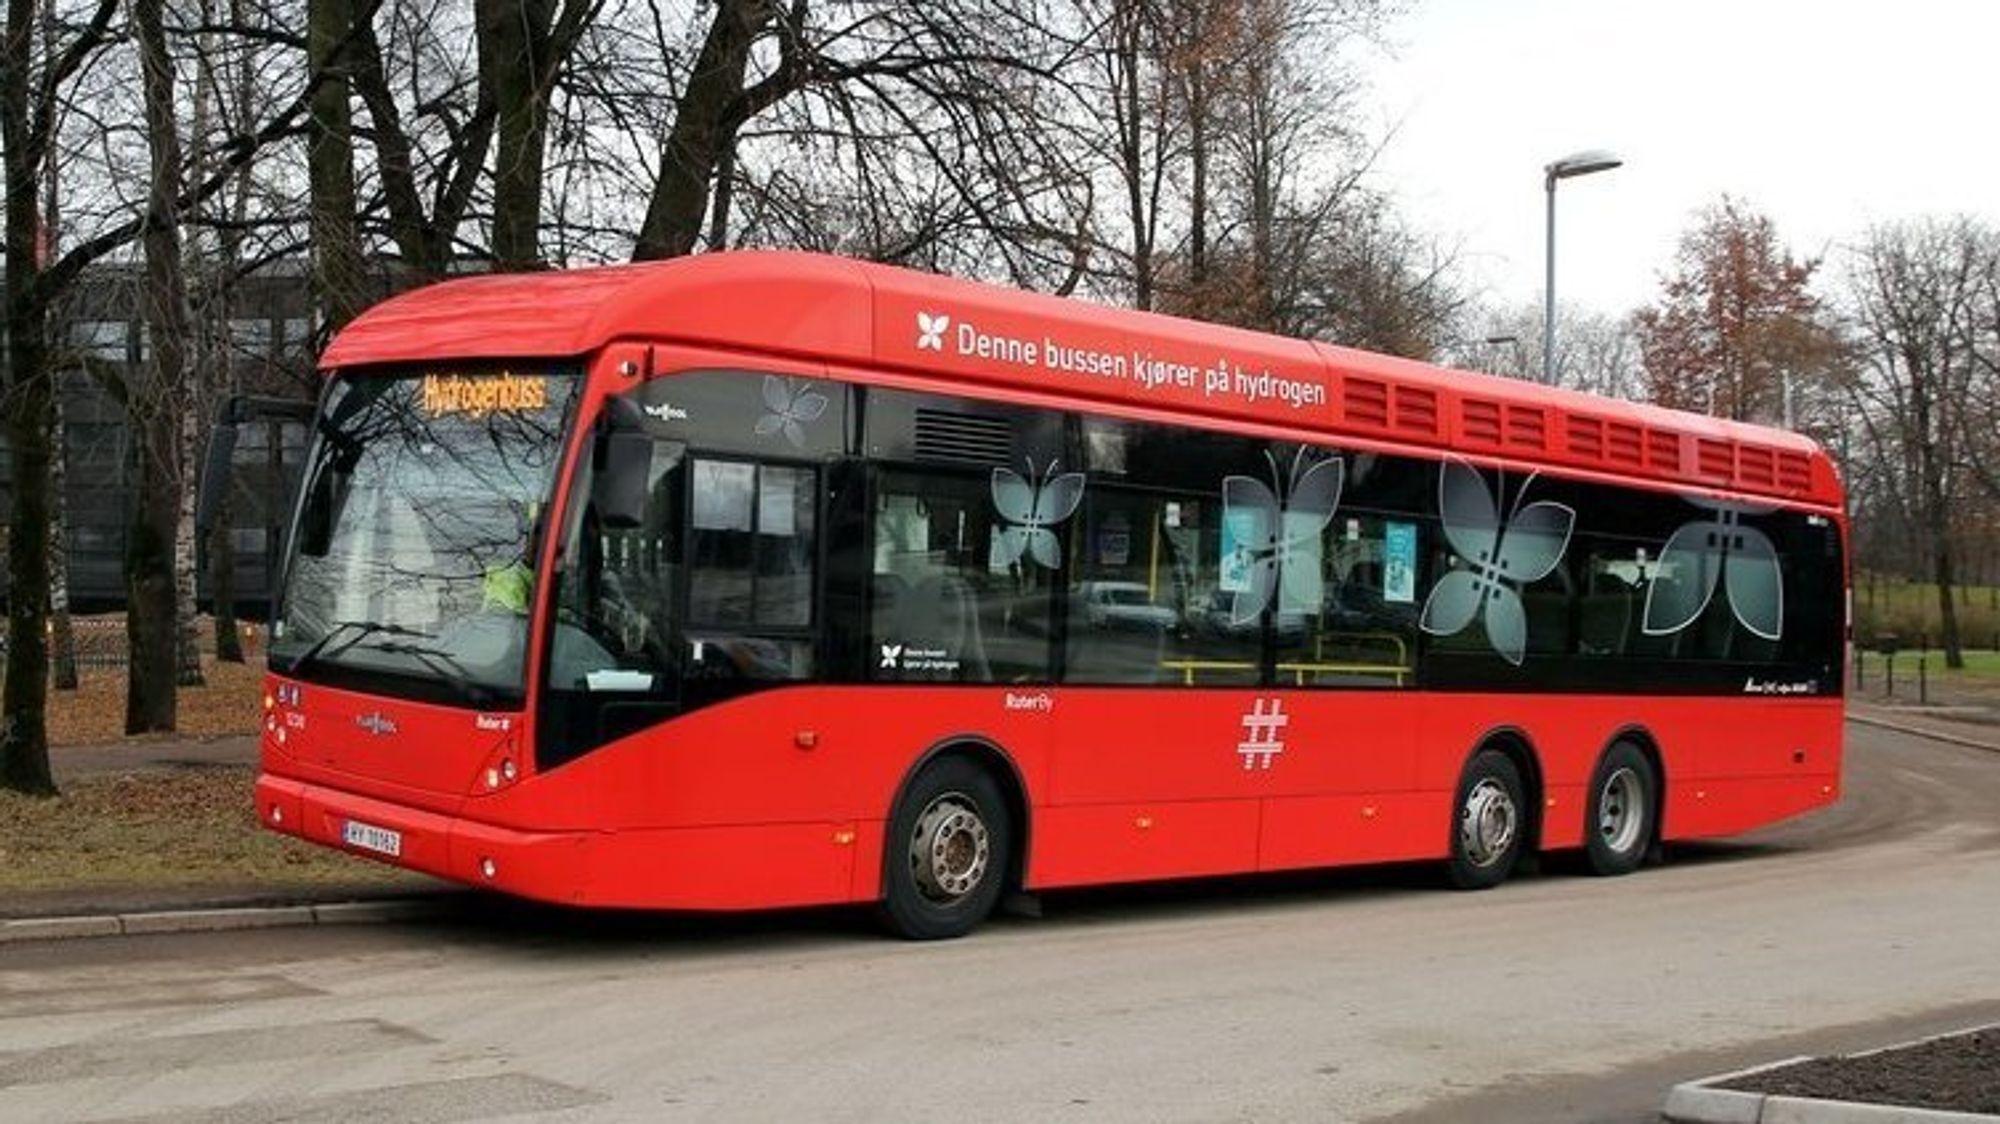 Oslo har testen bruken av hydrogenbusser siden 2012. Nå er bussene midlertidig parkert og fyllestasjonen på Rosenholm stenges.